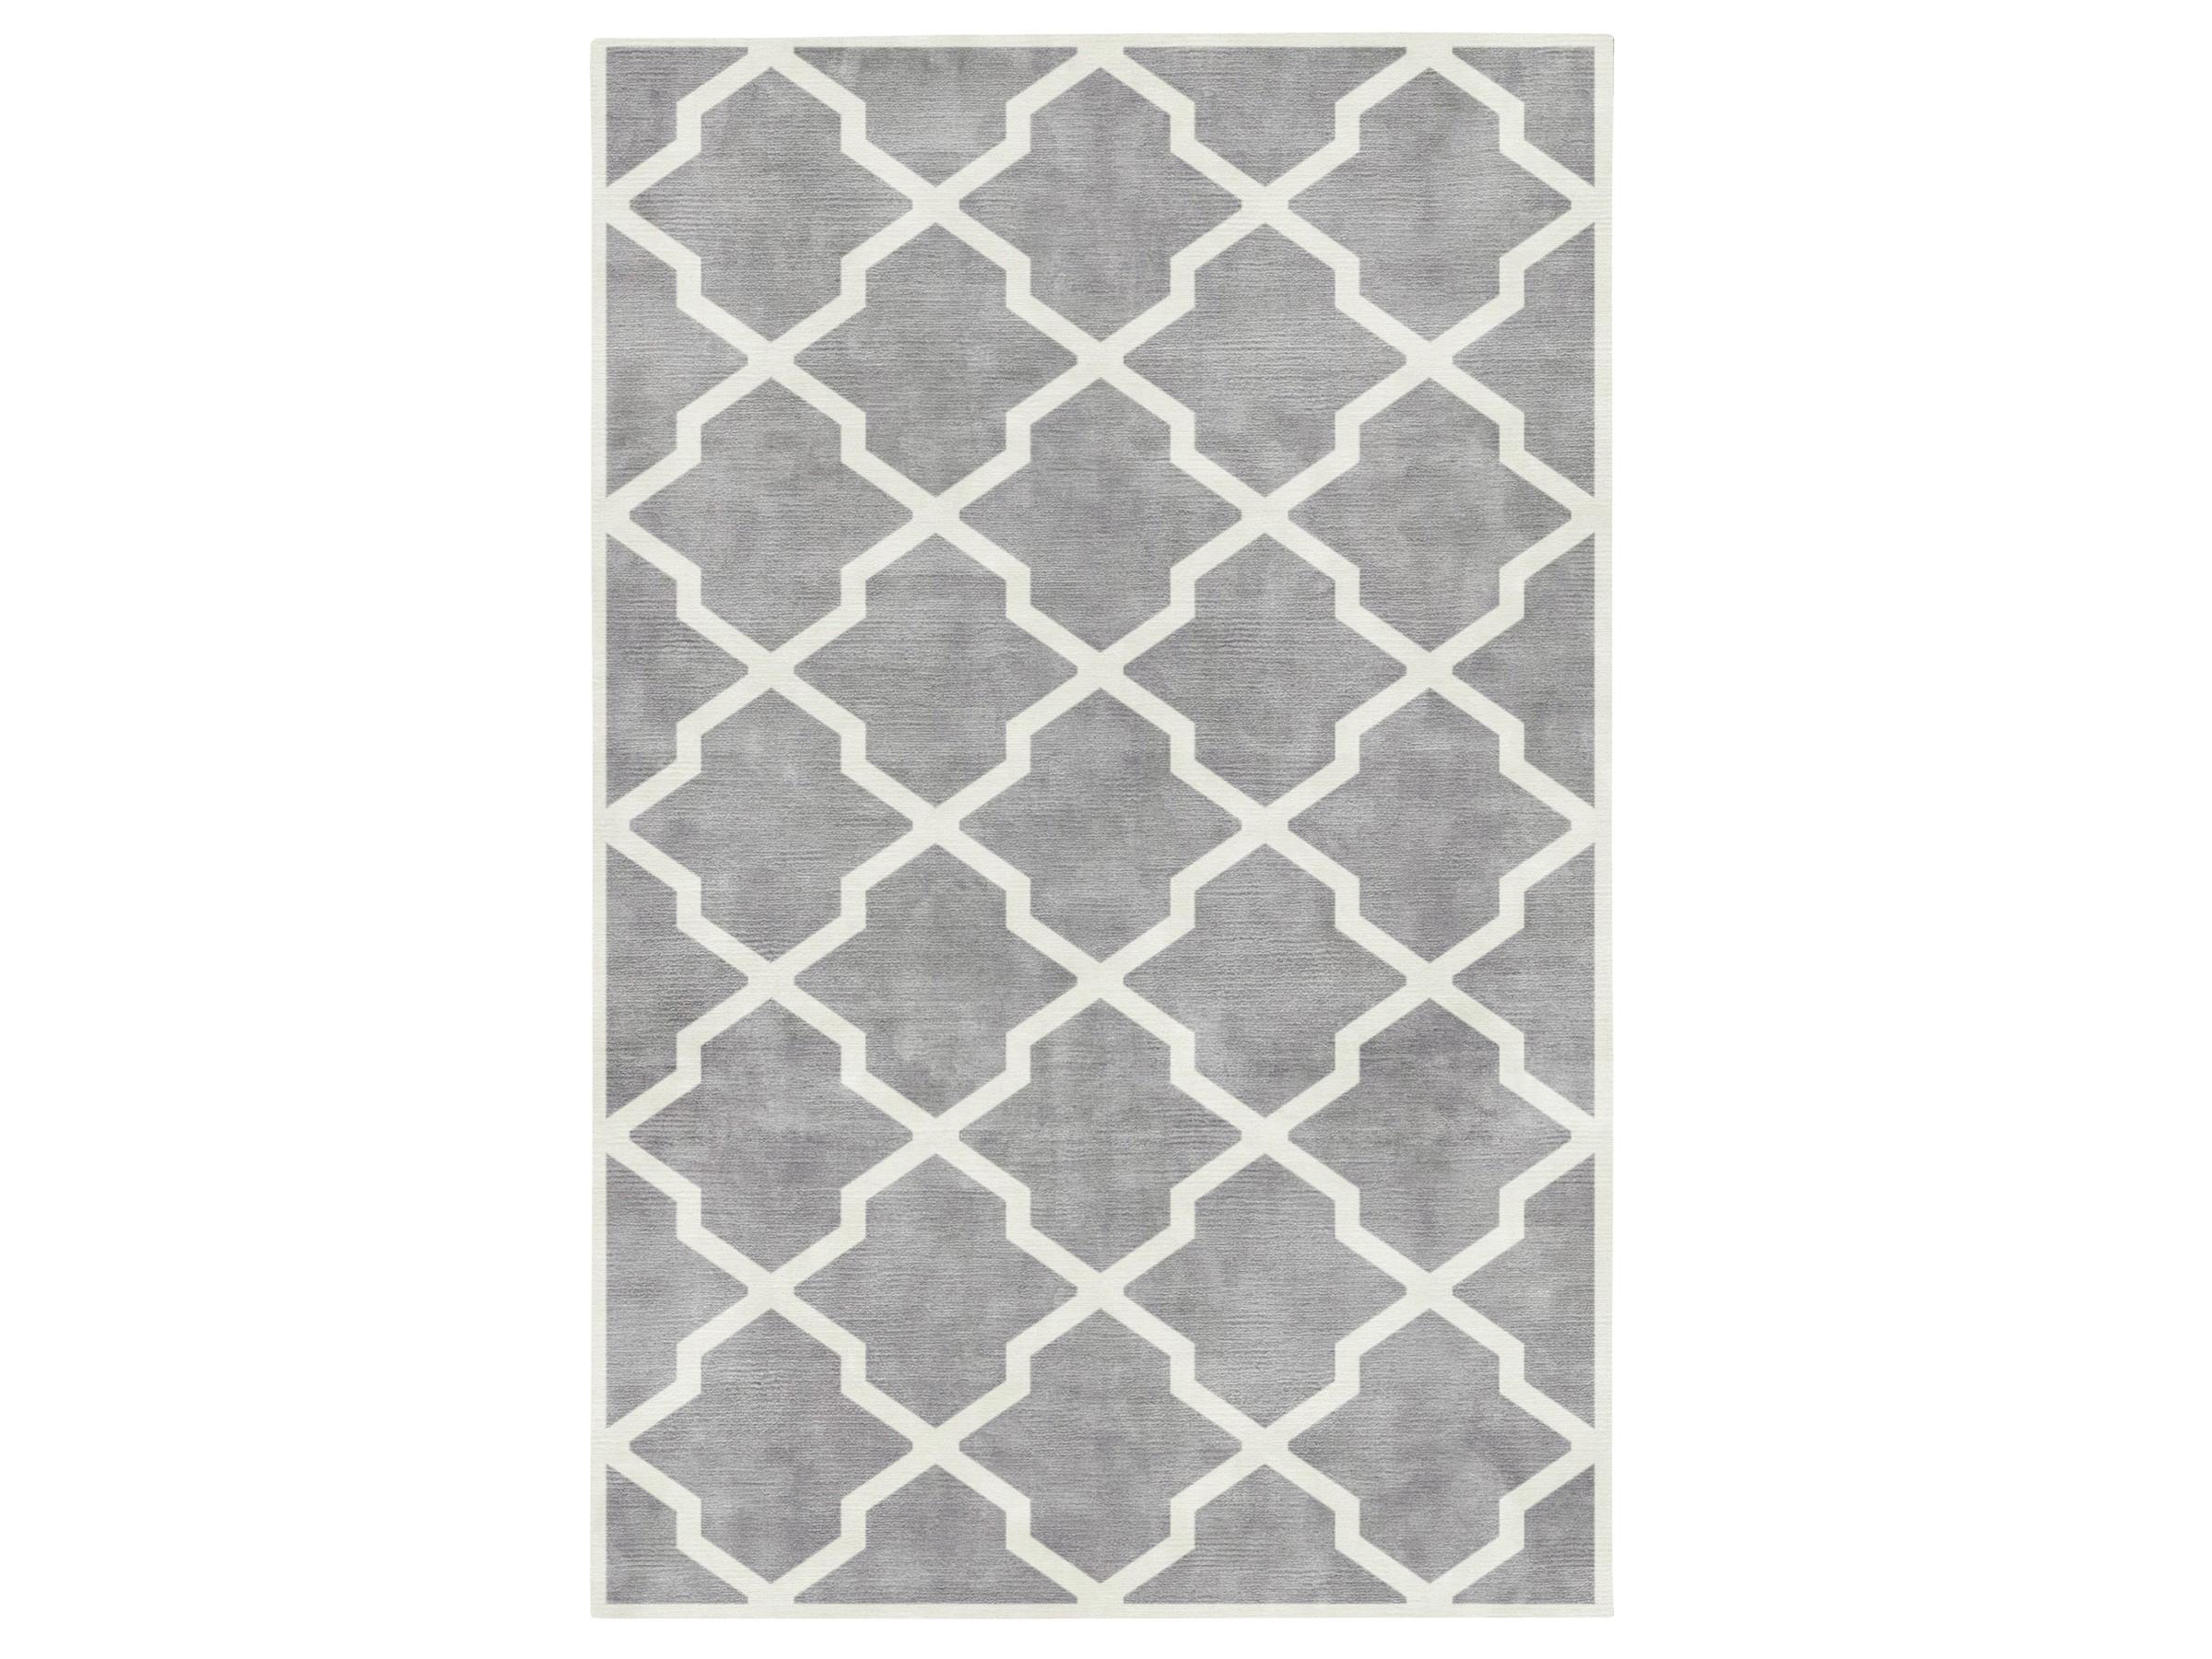 Ковер Lattice 240x330Прямоугольные ковры<br><br><br>Material: Шерсть<br>Ширина см: 240<br>Глубина см: 330